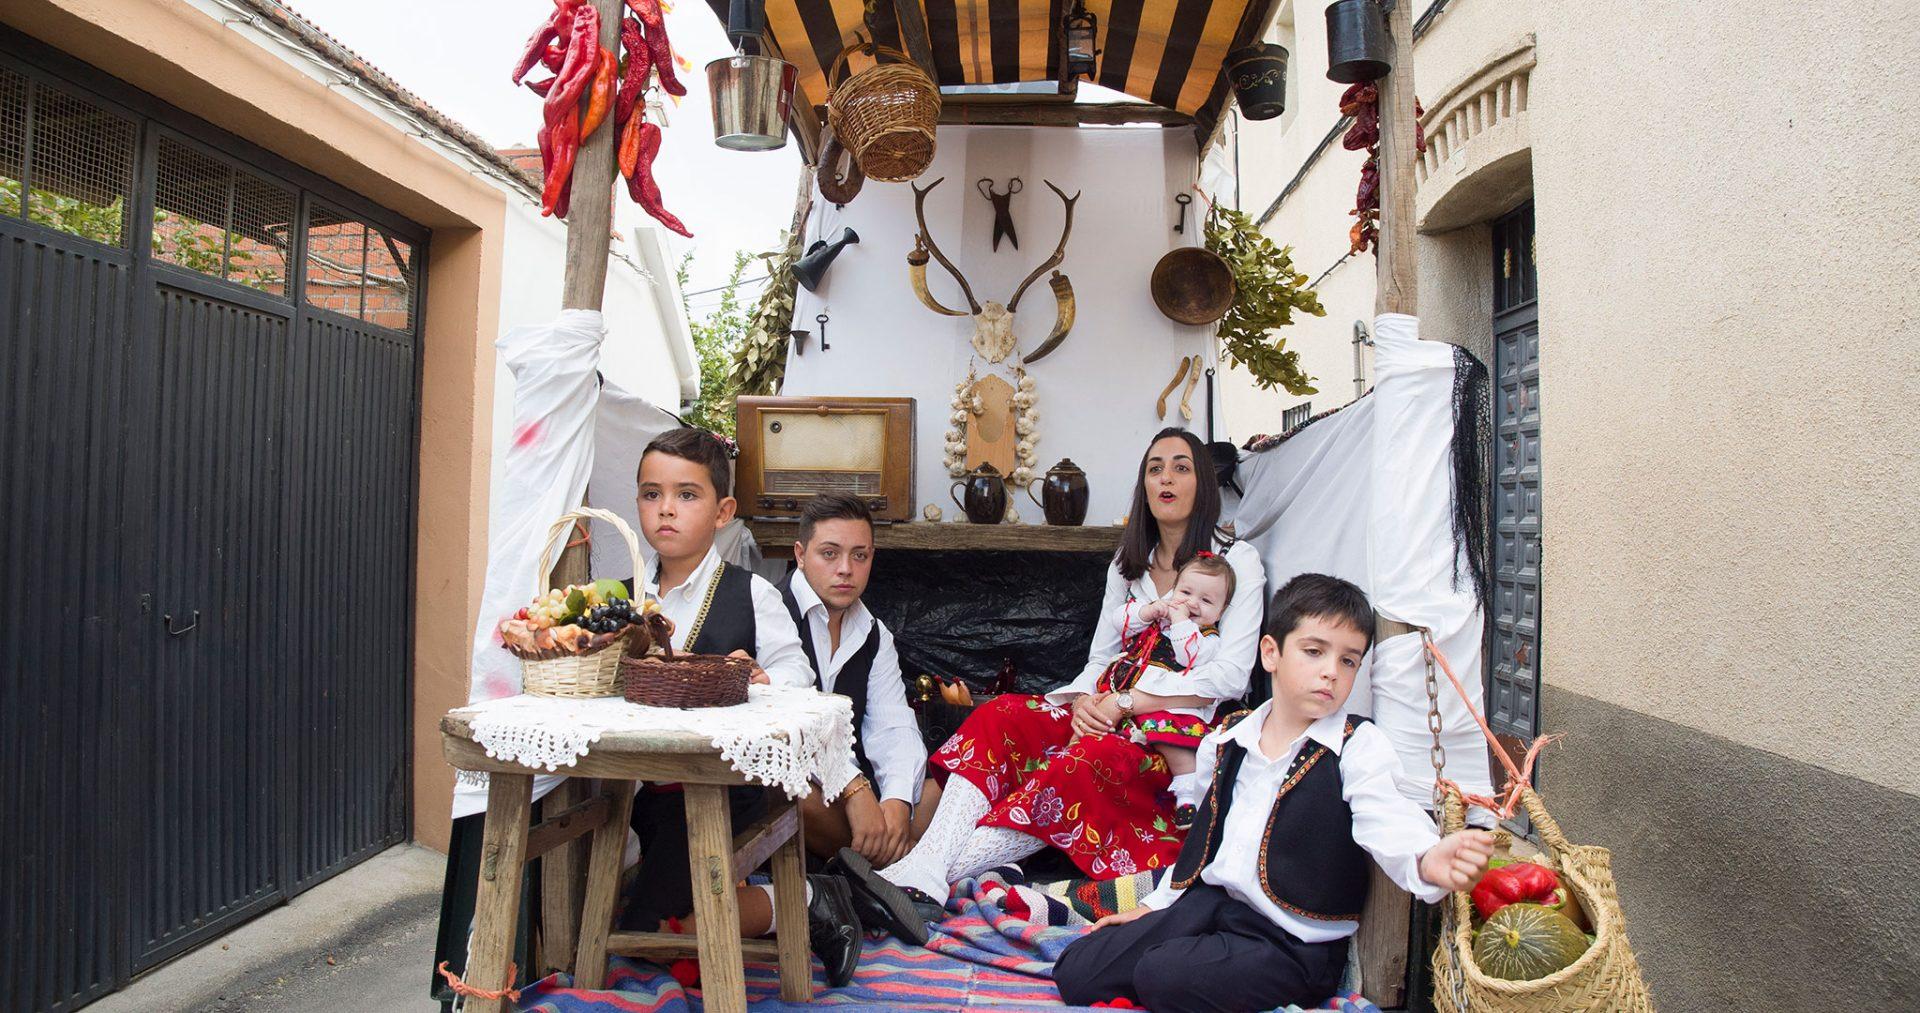 Fiestas del pueblo de Carrascalejo